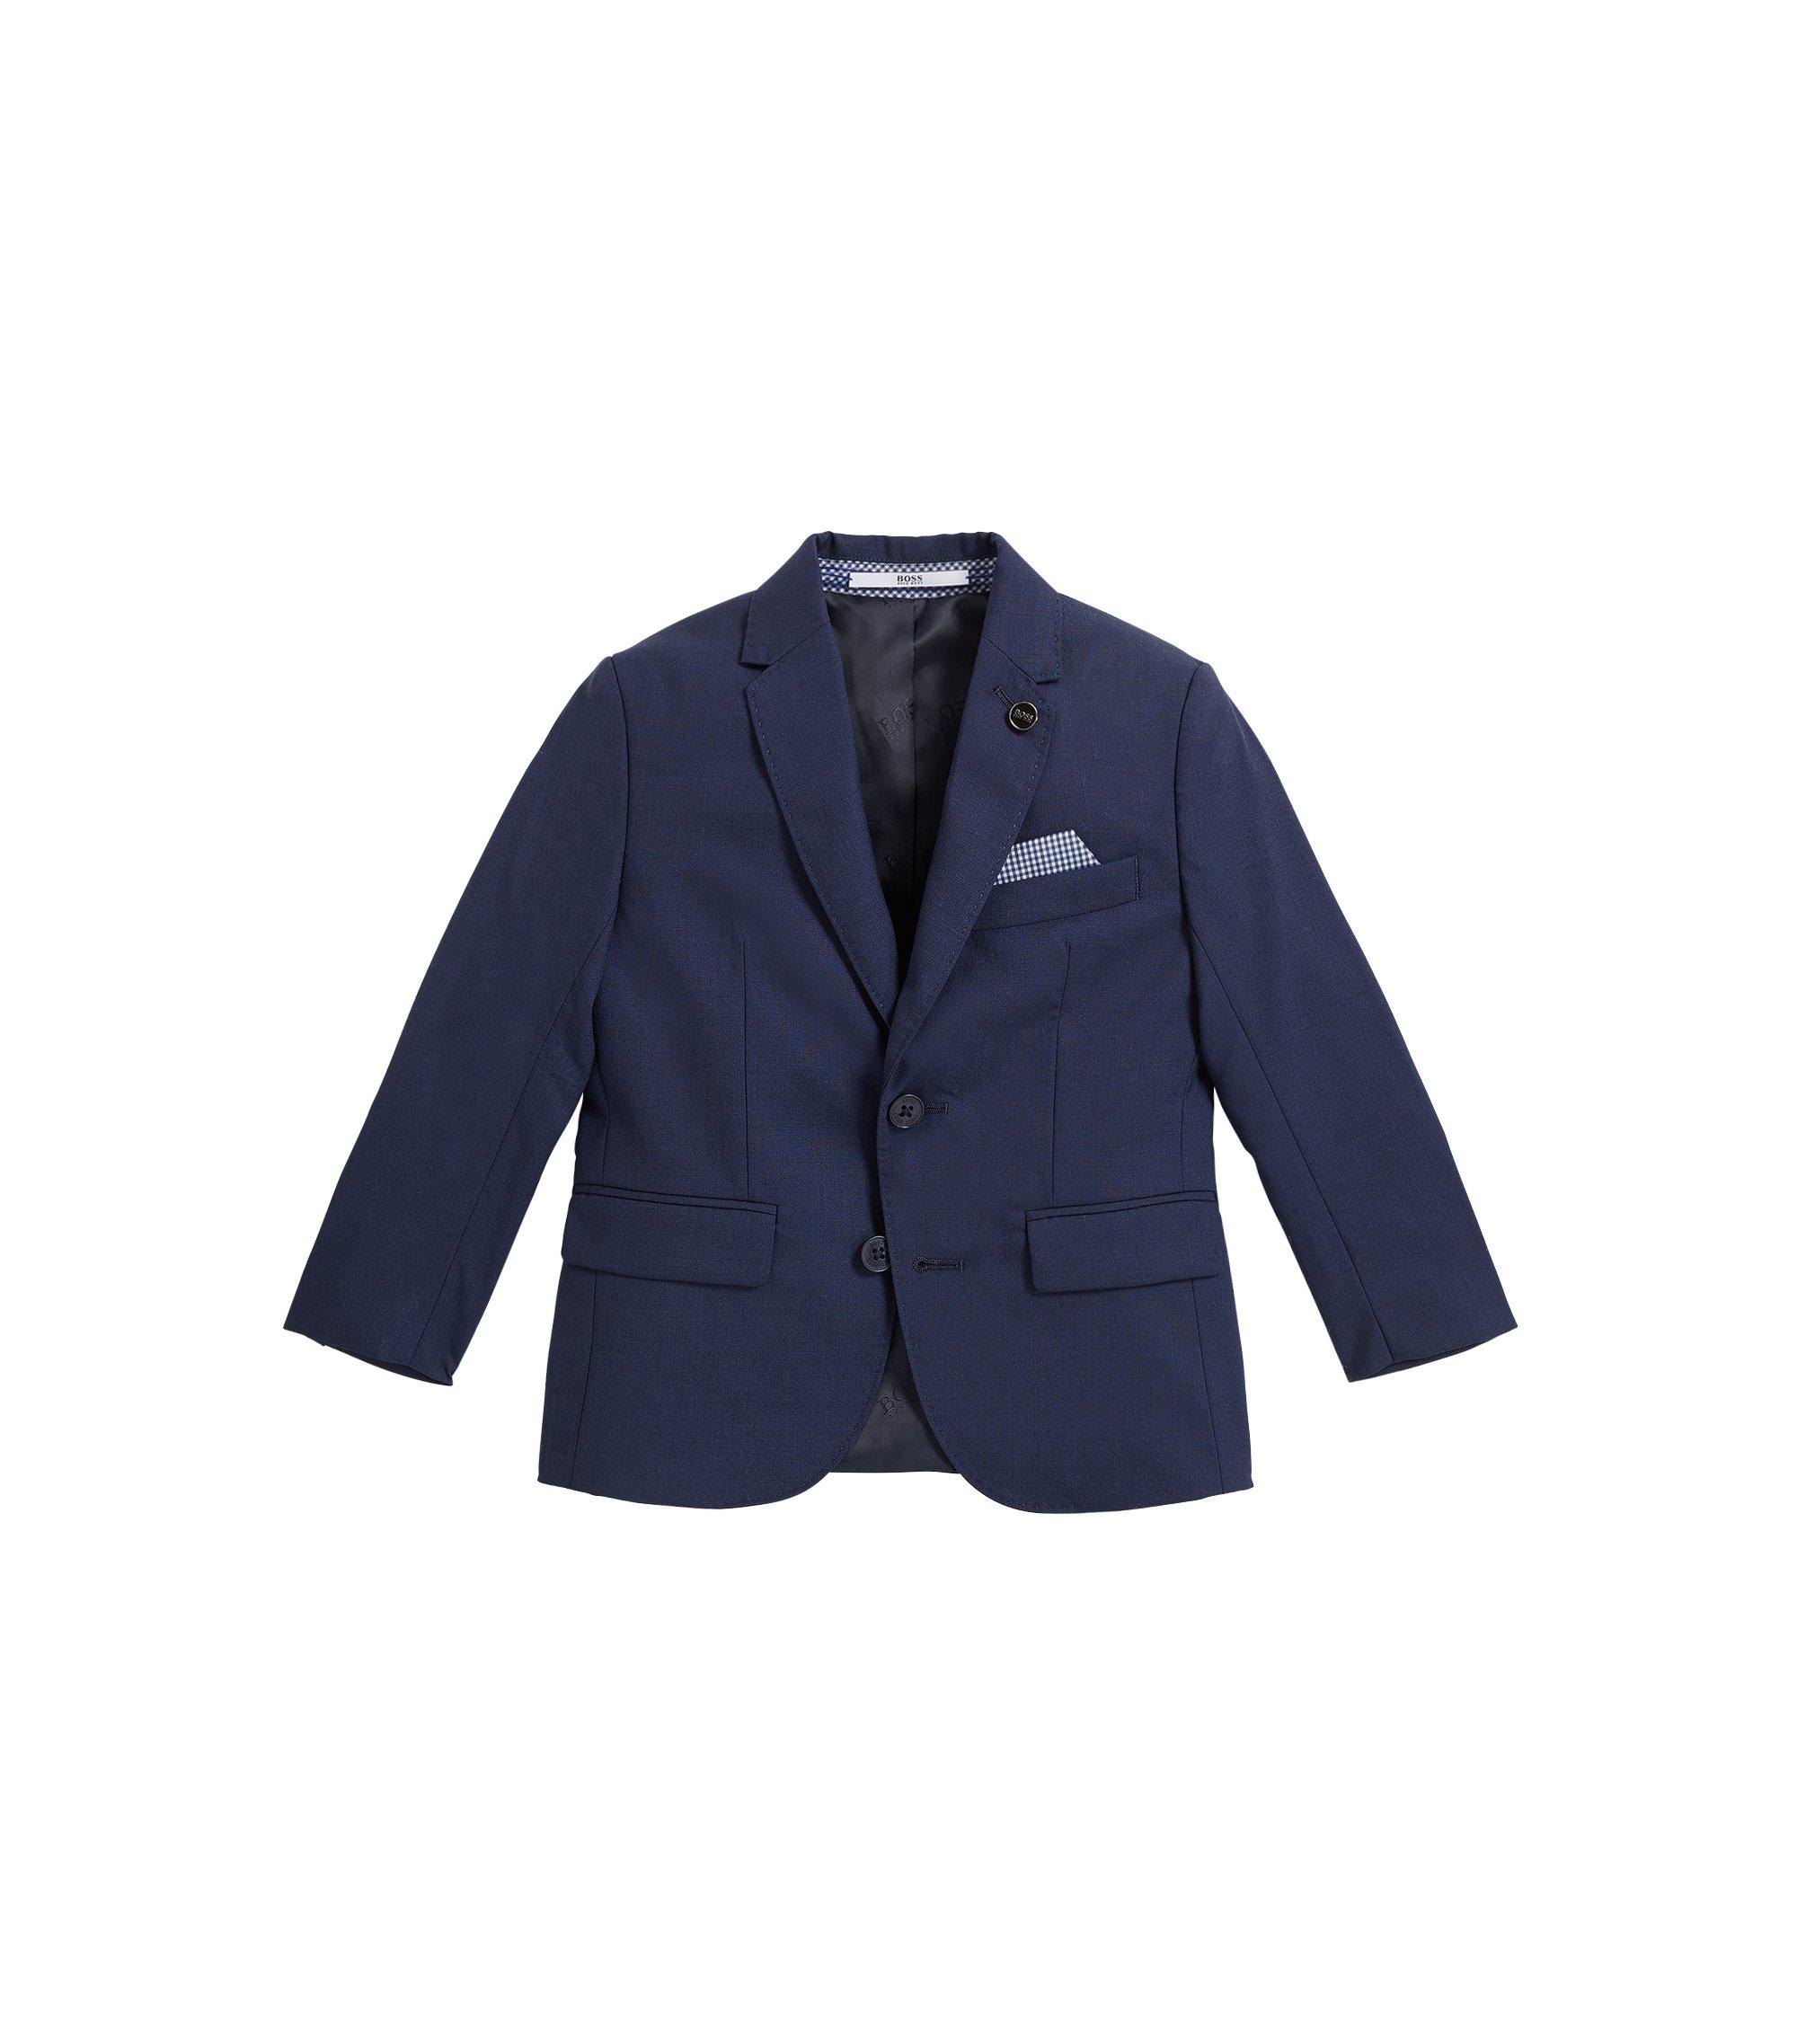 Veste de costume en laine pour enfant, Bleu foncé